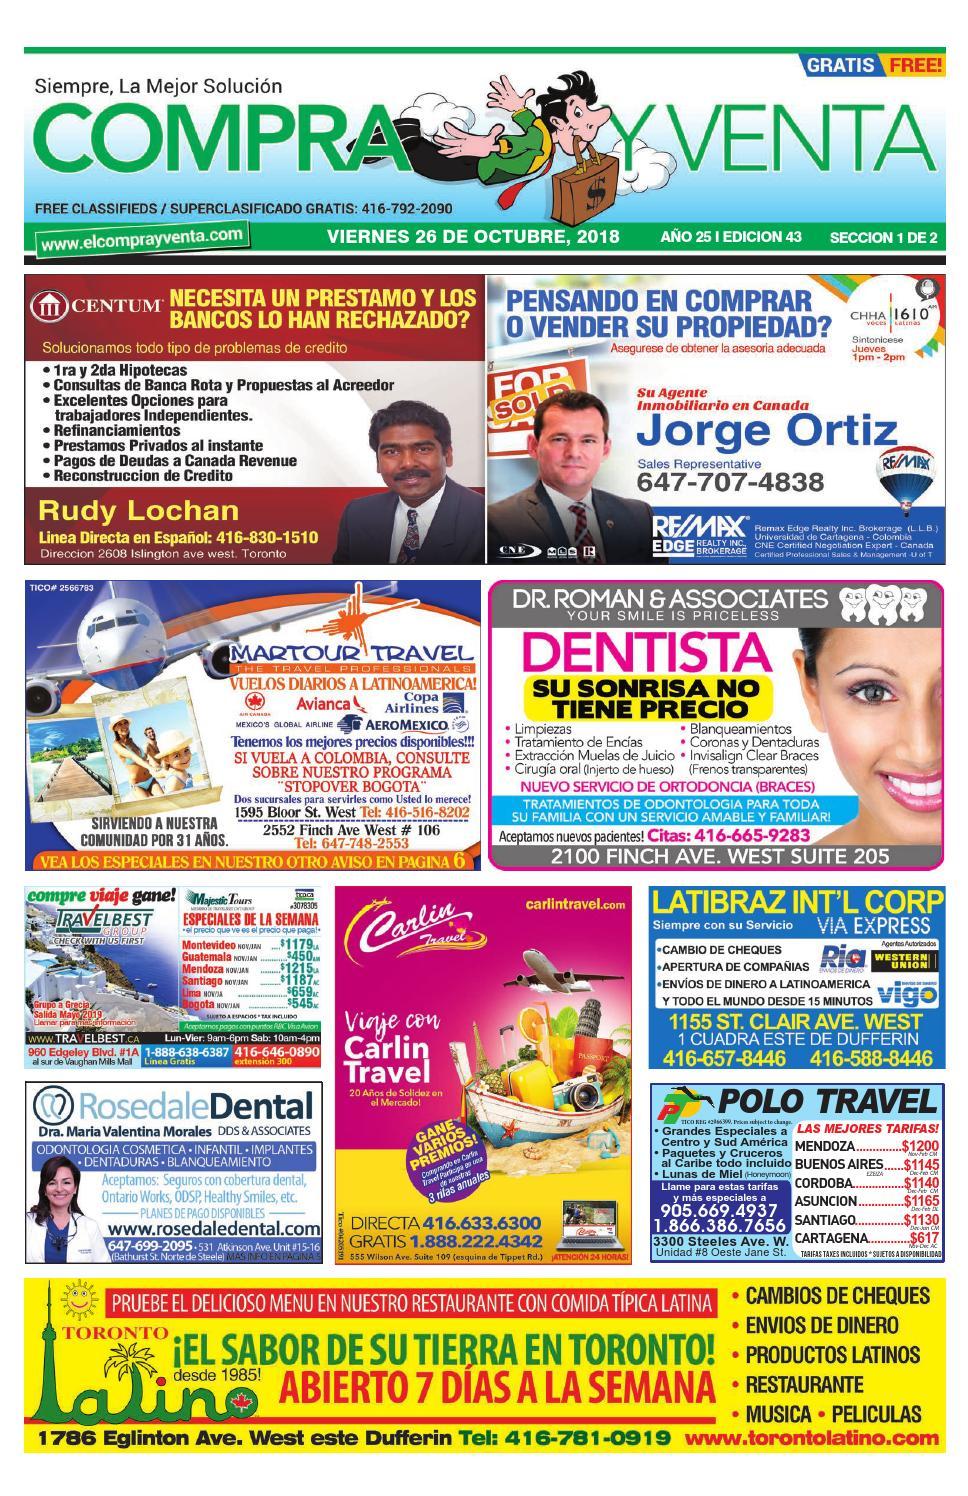 d001a9986 Compra y Venta Edicion #43. 2018 by elcomprayventa - issuu